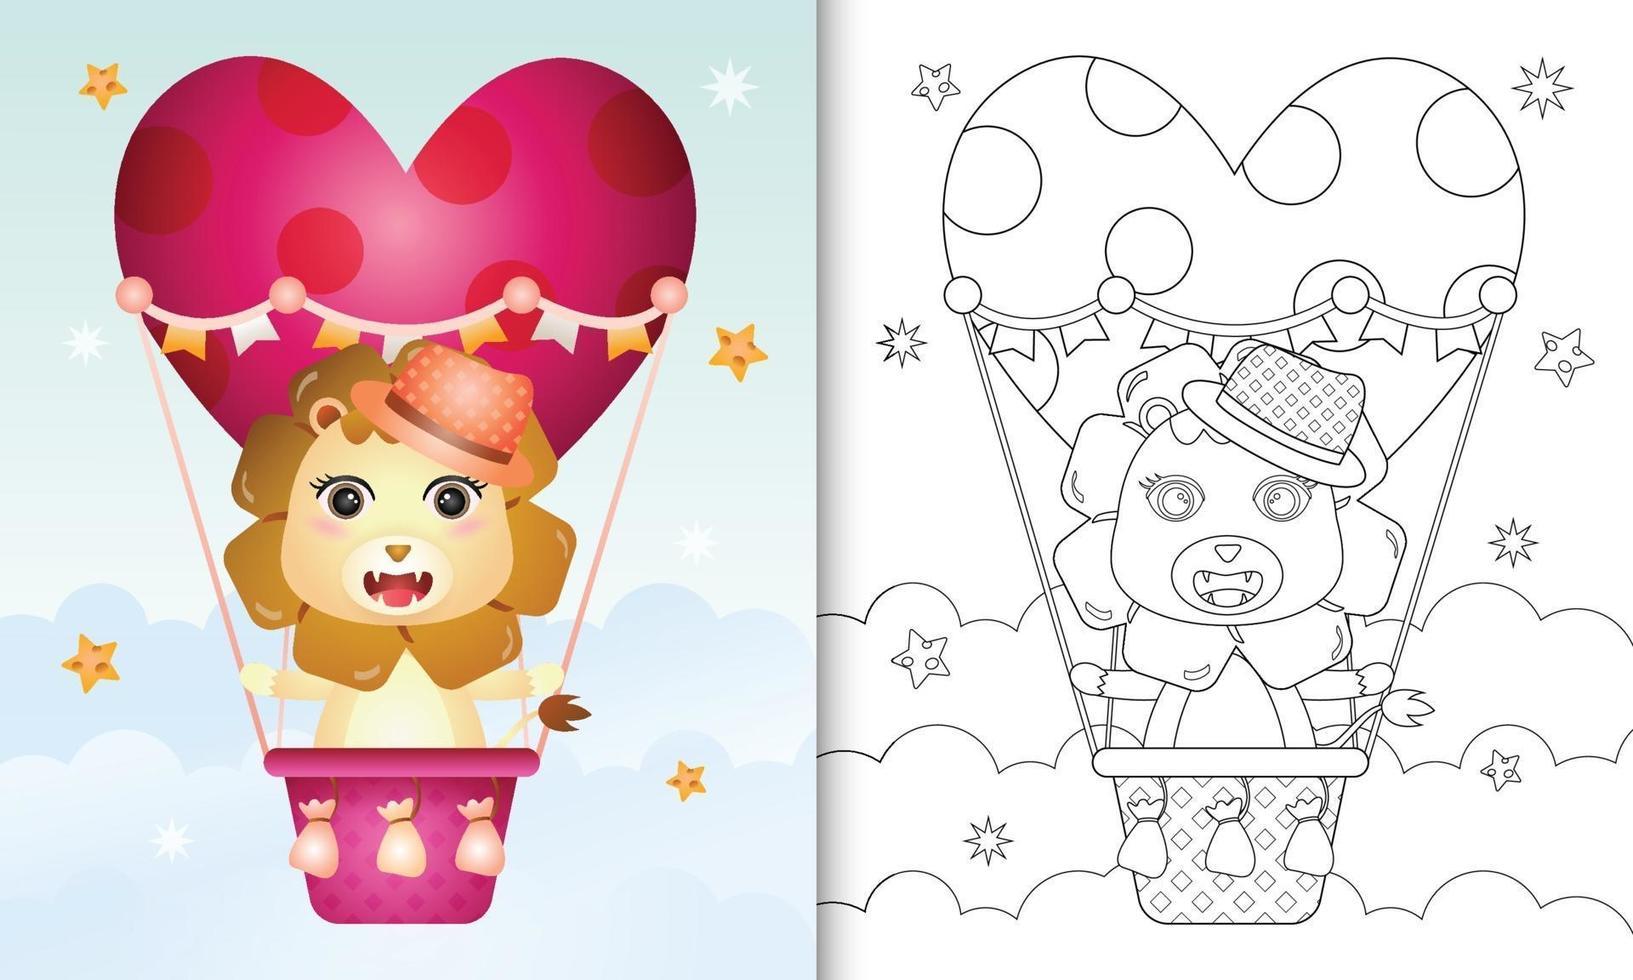 Malbuch für Kinder mit einem niedlichen Löwenmann am Heißluftballon lieben themenorientierten Valentinstag vektor